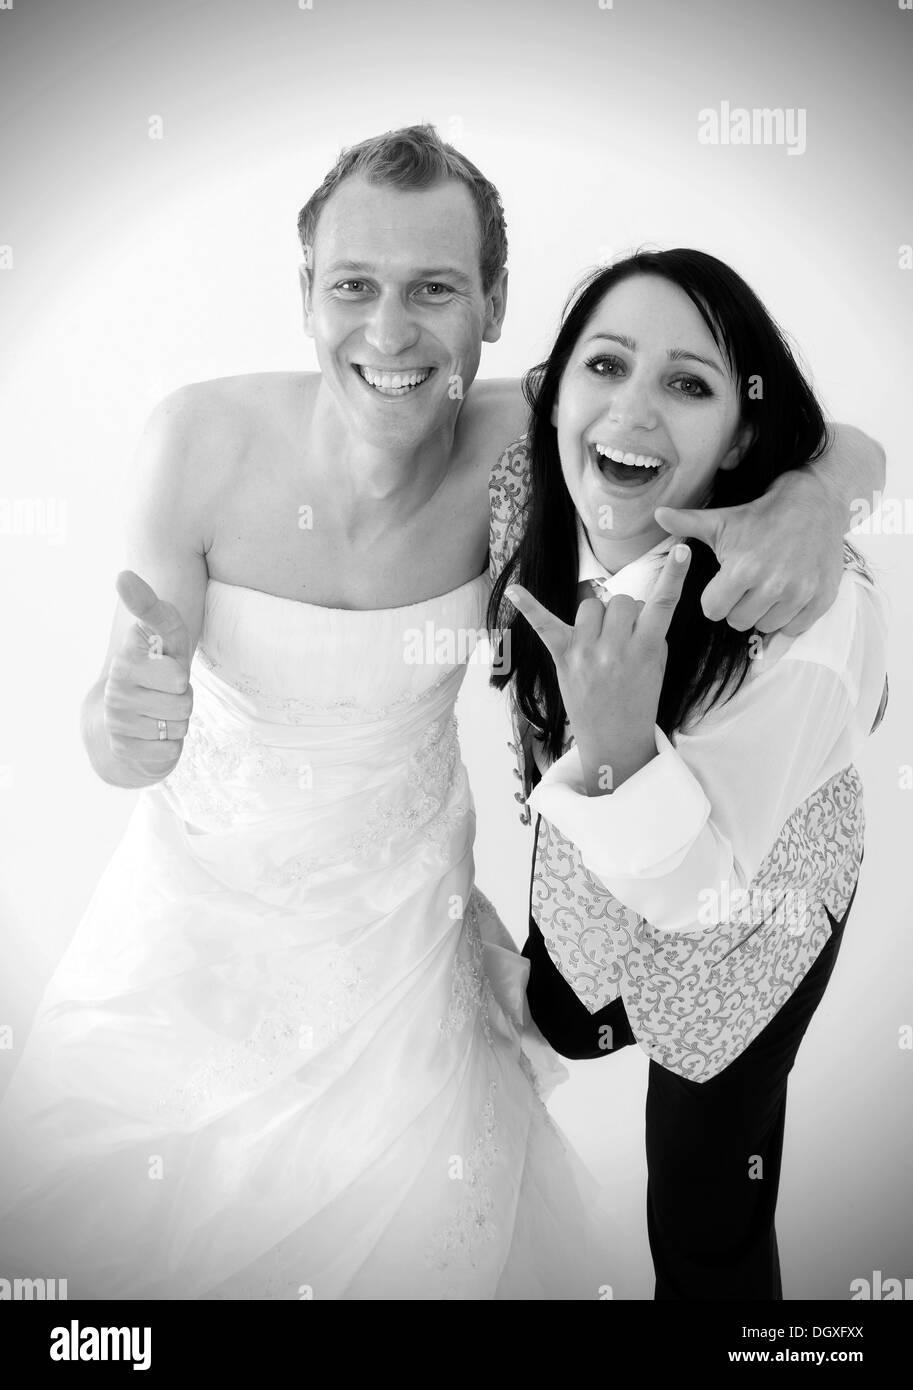 Lächelnde Braut trägt einen Anzug und ein Bräutigam trägt ein ...